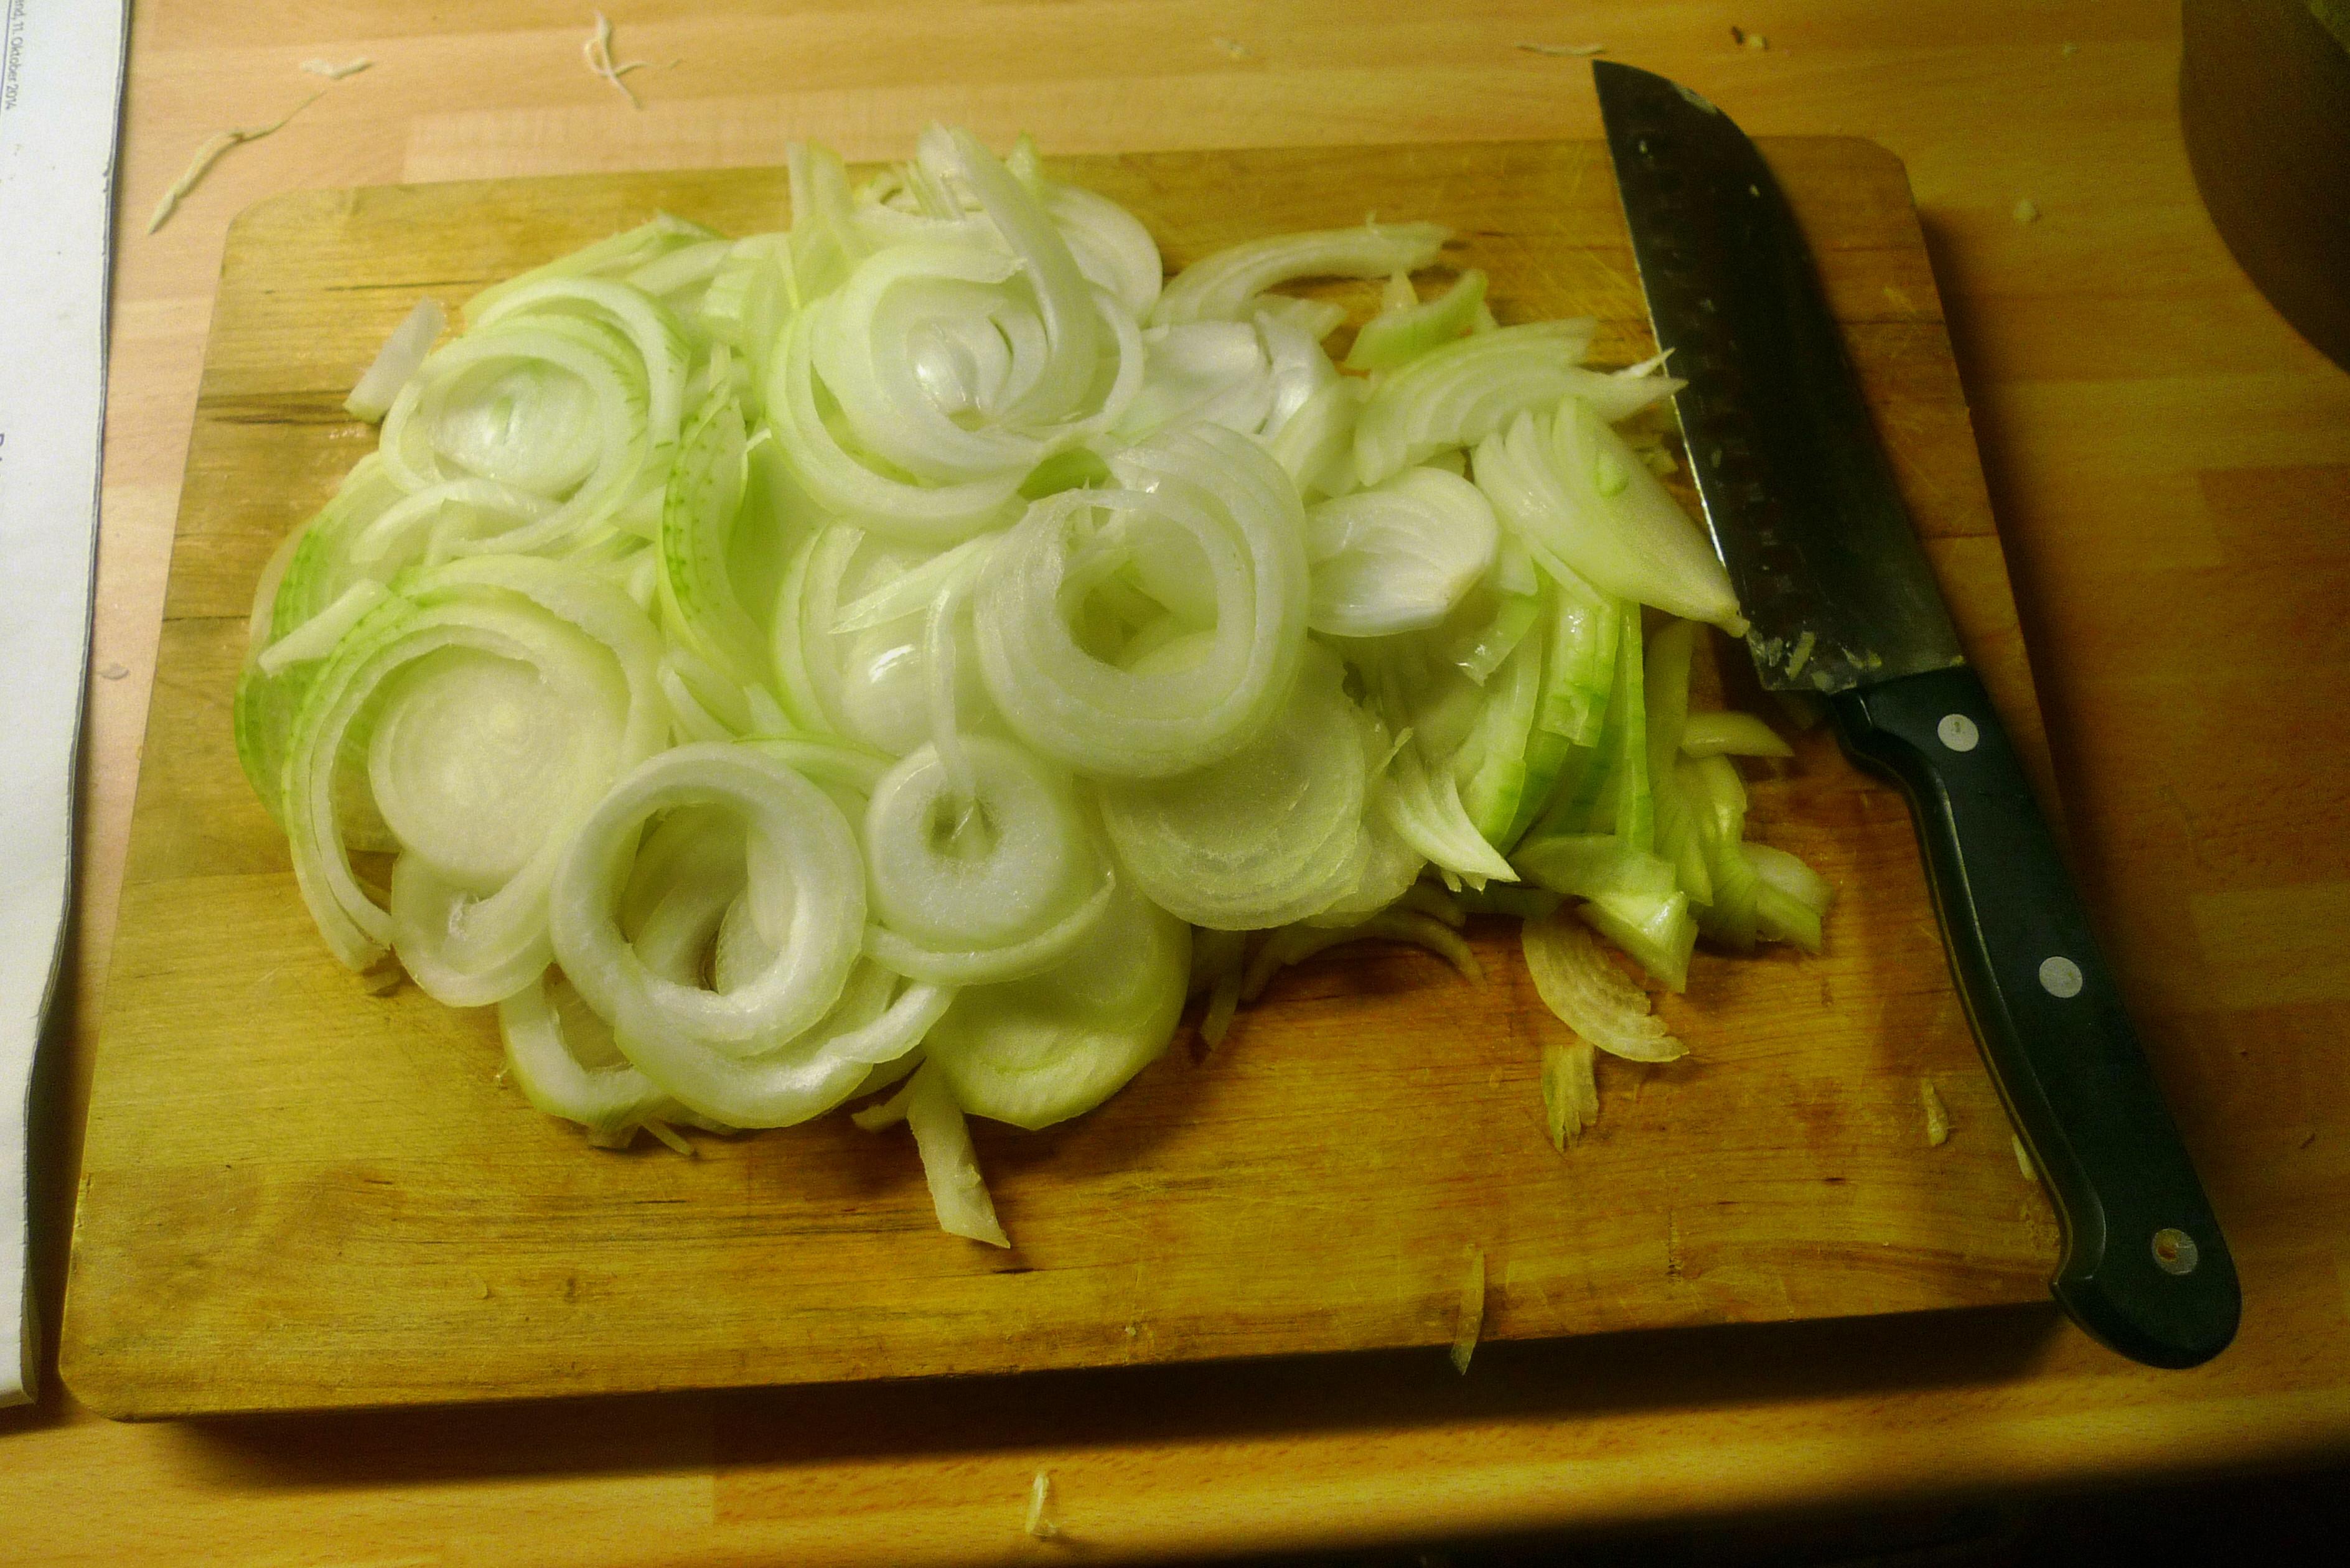 Zwiebelsoße,Kartoffelbrei,Krautsalat,Birnenkompott - 11.10.14   (6)